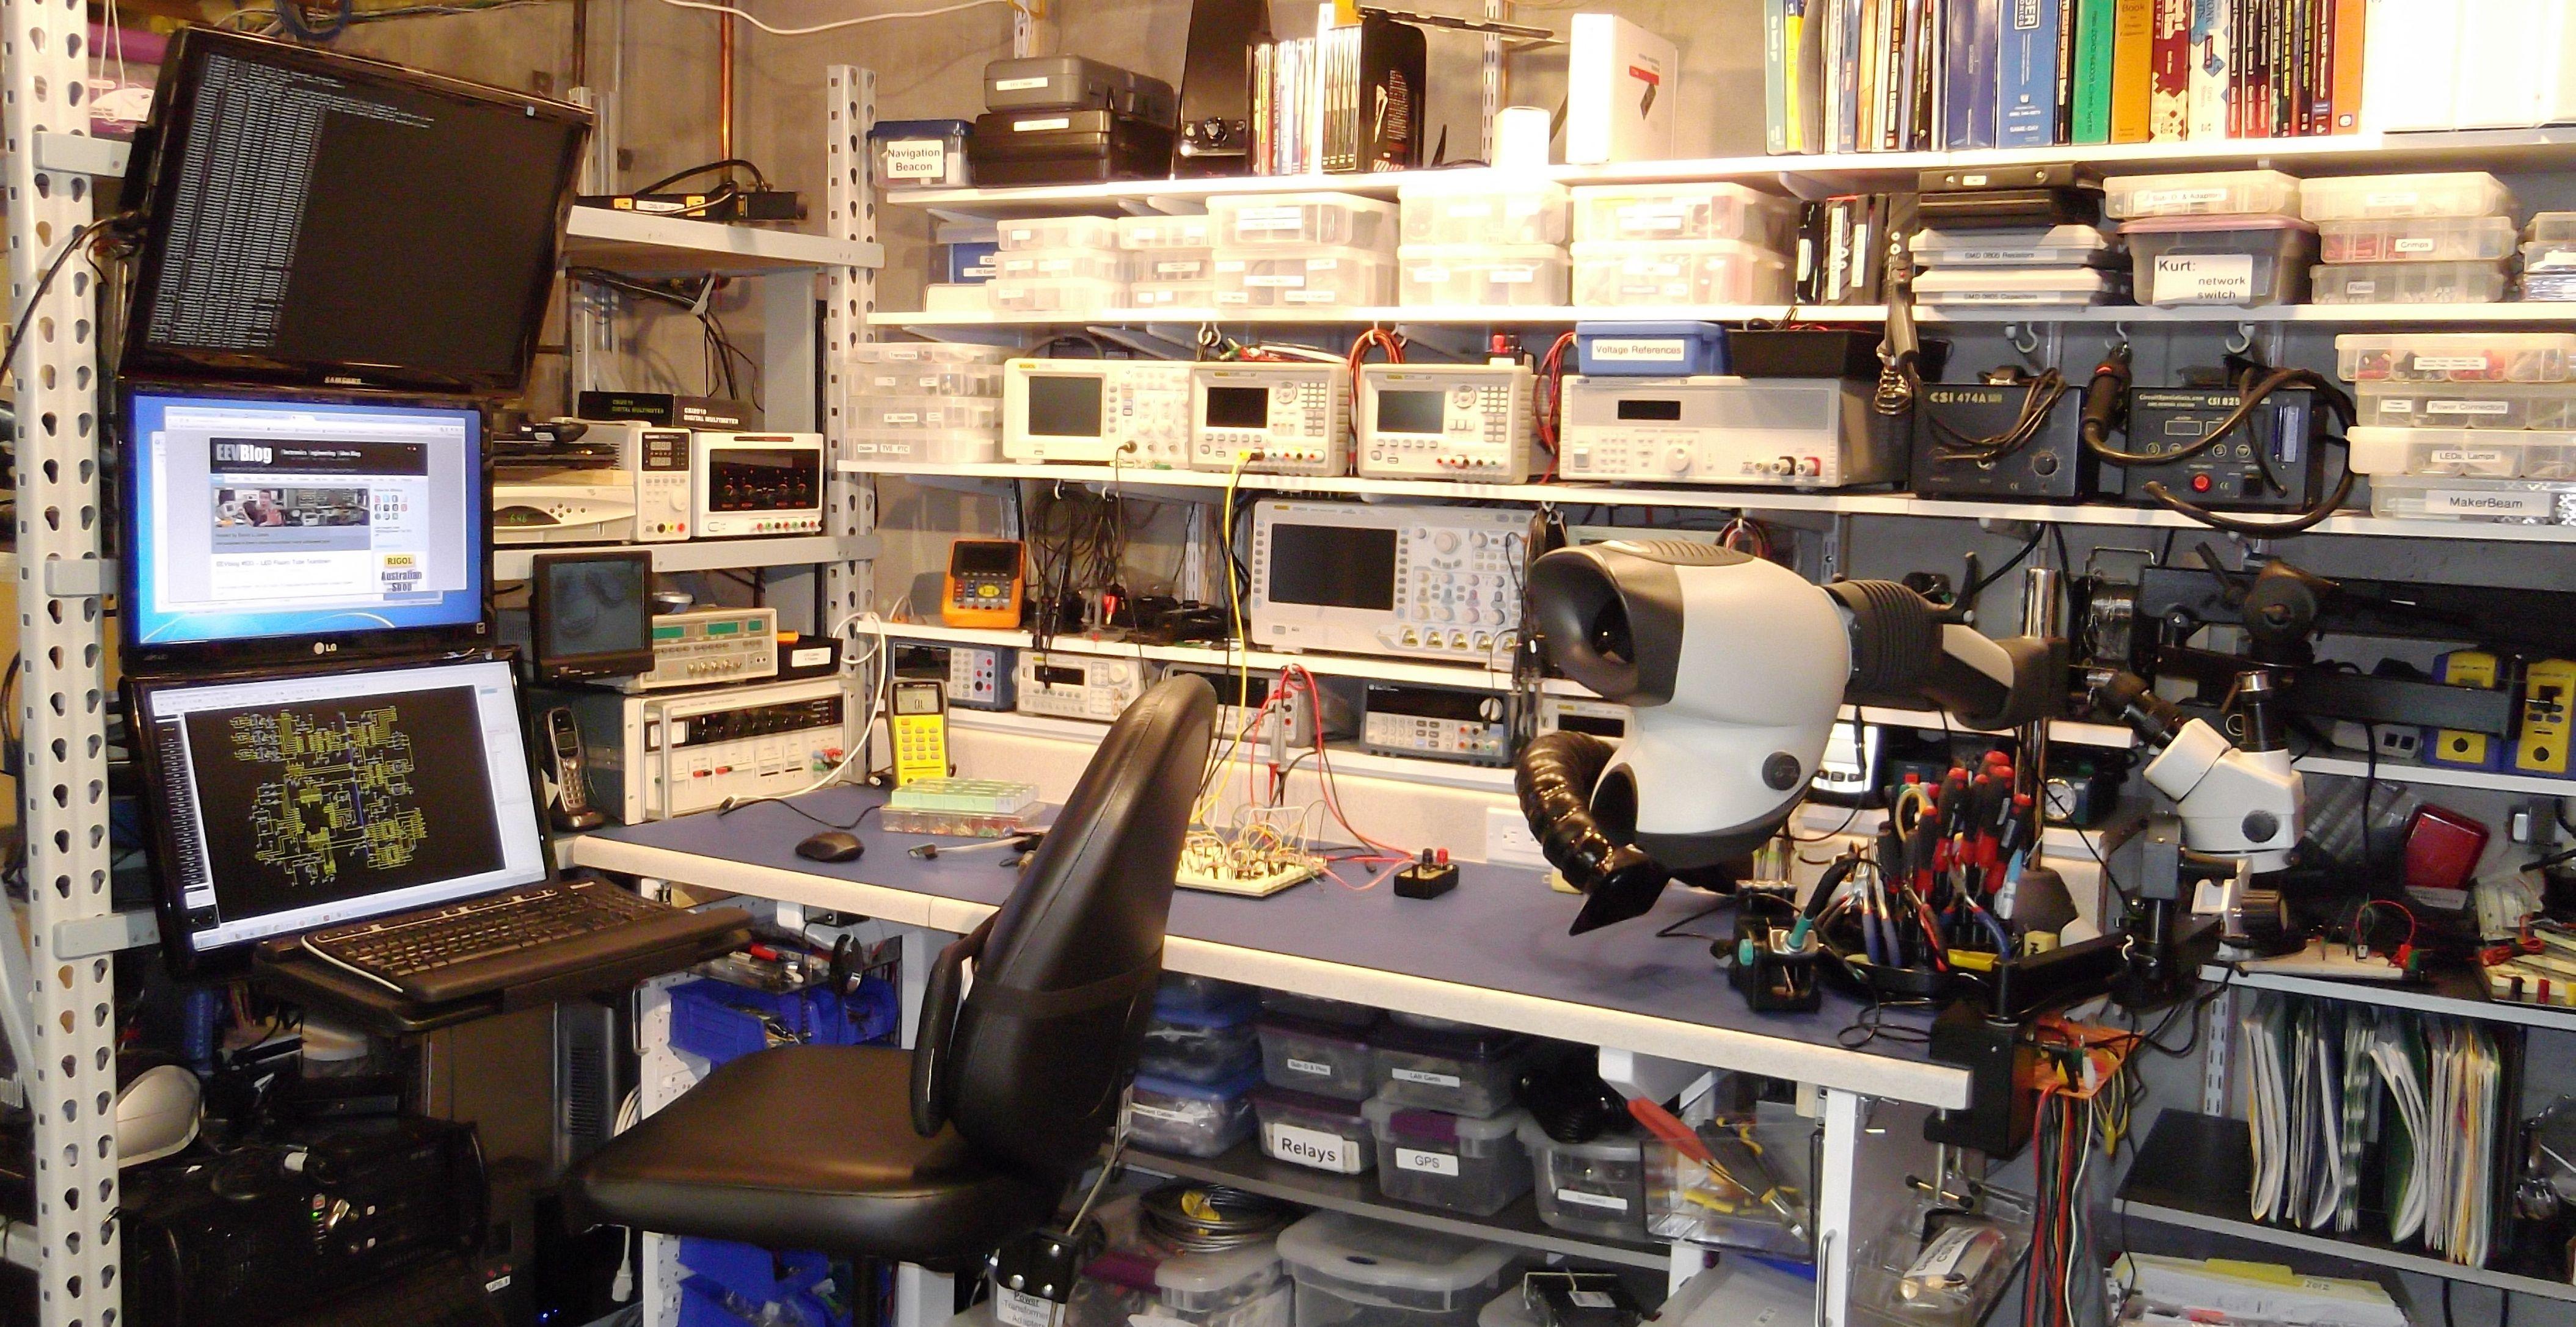 amateur radio electronic workbench  workbench electronic - Pesquisa Google